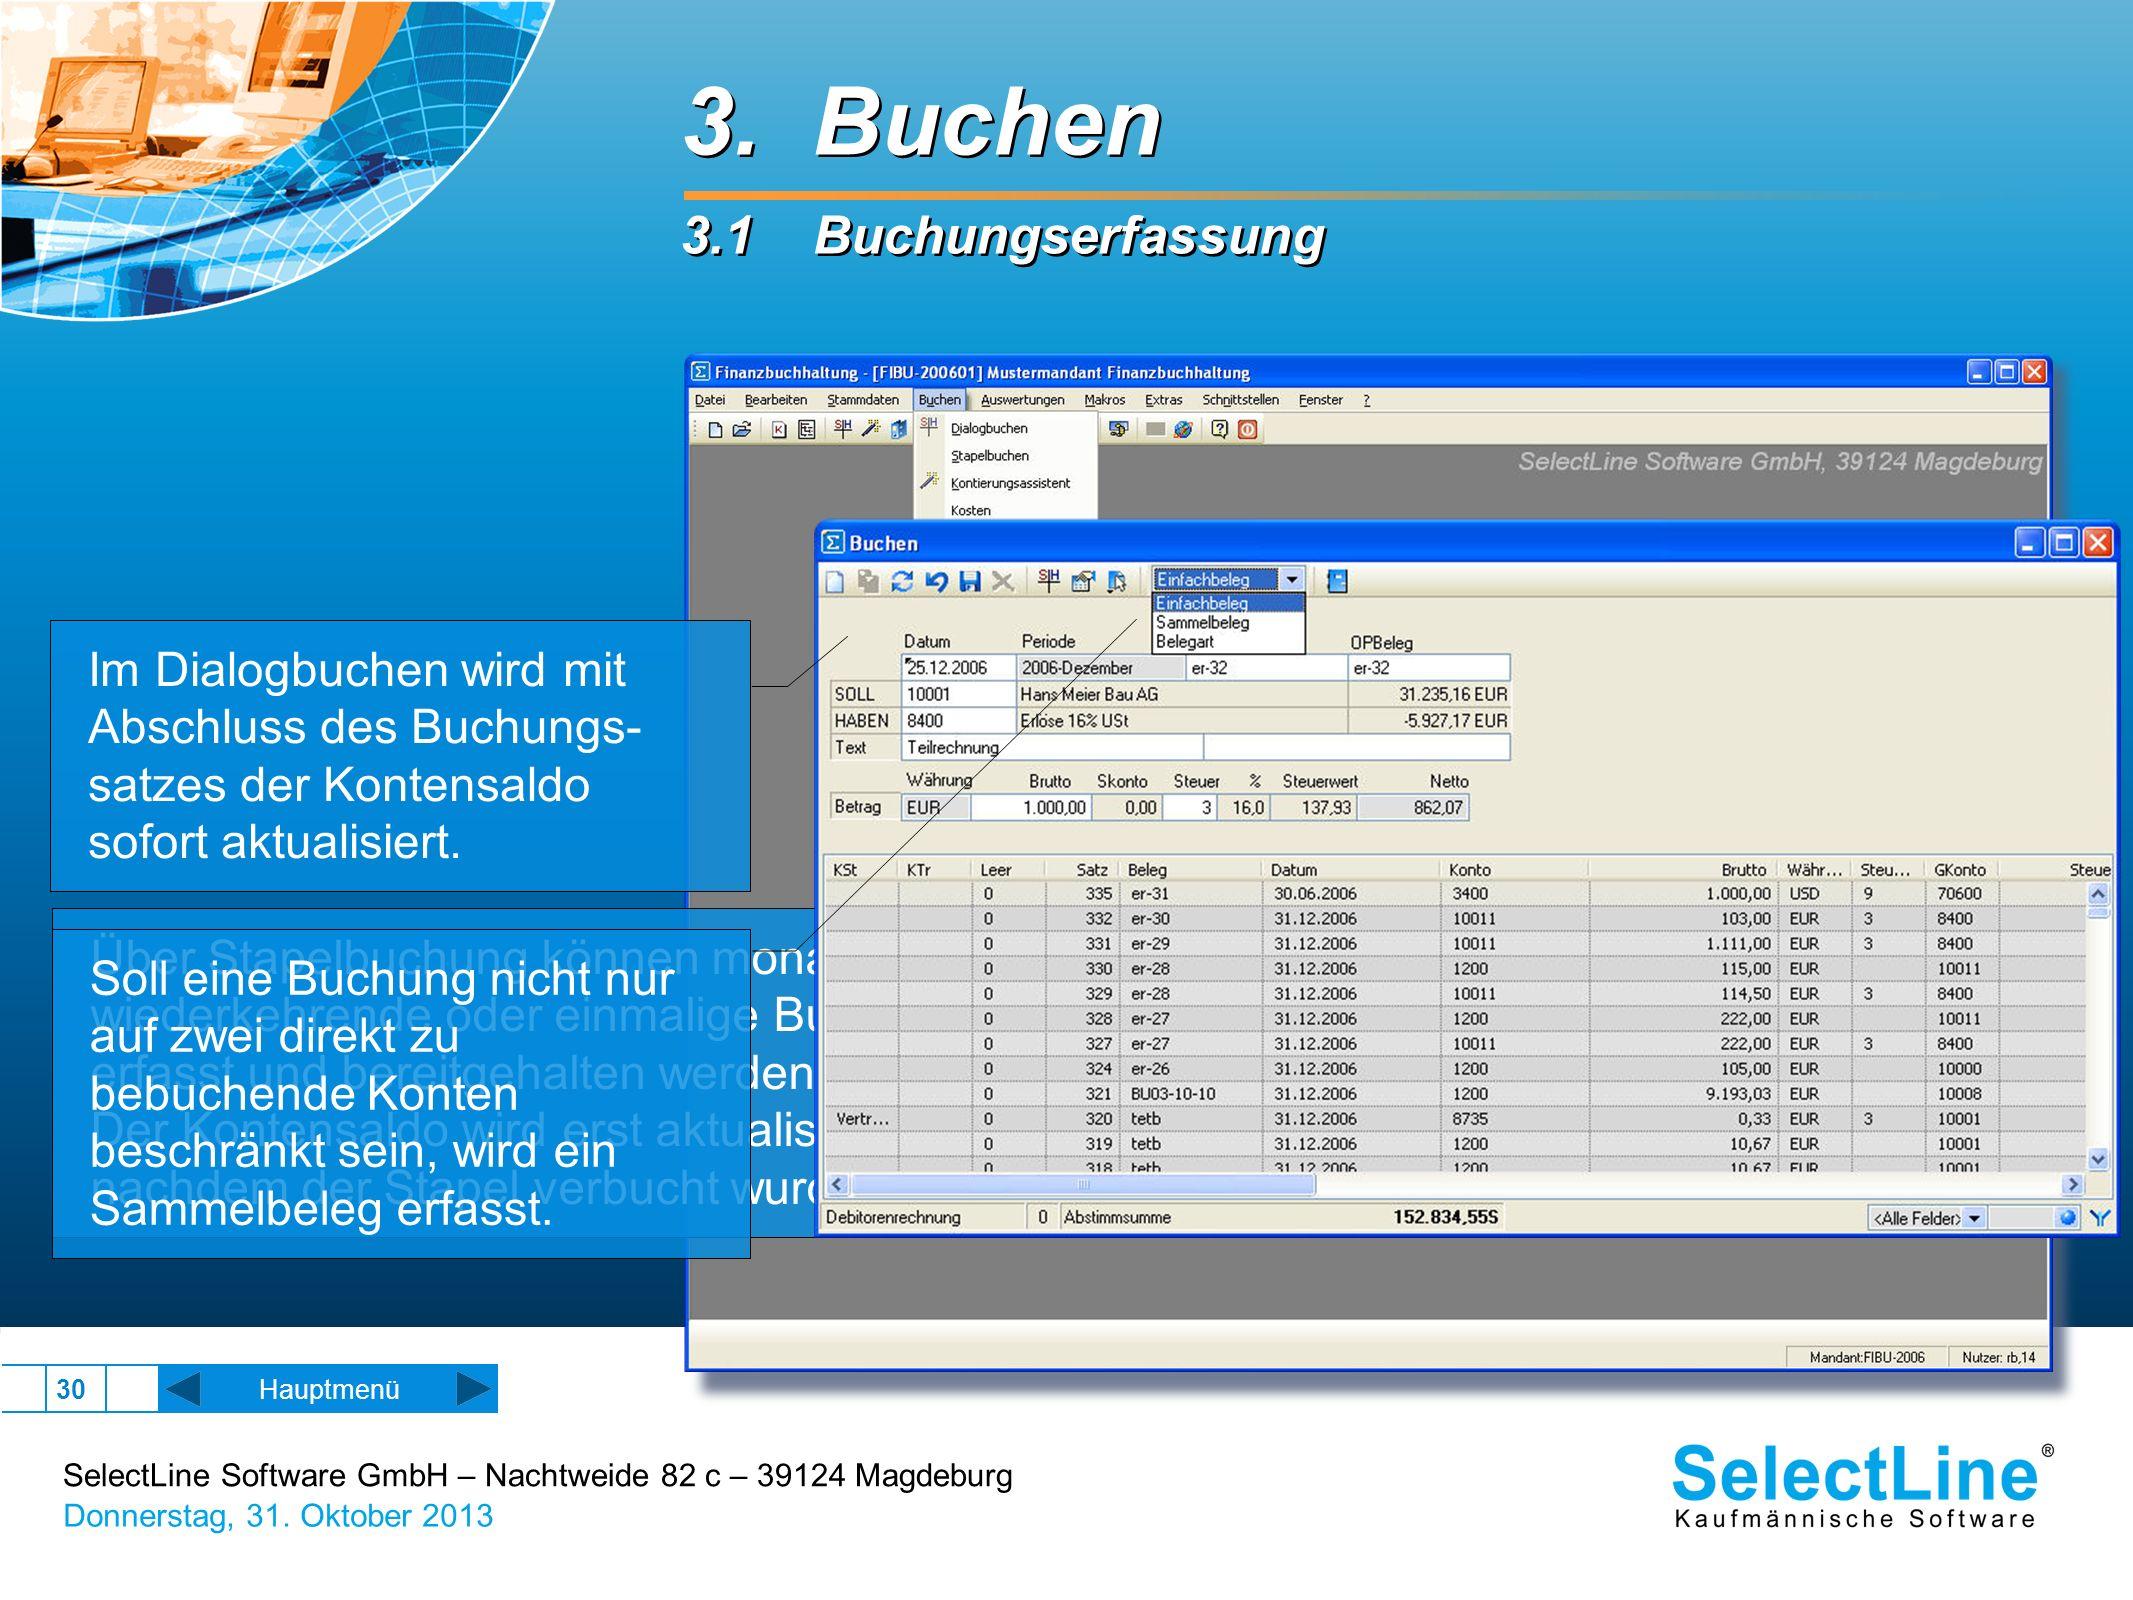 SelectLine Software GmbH – Nachtweide 82 c – 39124 Magdeburg Donnerstag, 31. Oktober 2013 30 Hauptmenü 3. Buchen 3.1 Buchungserfassung 3. Buchen 3.1 B